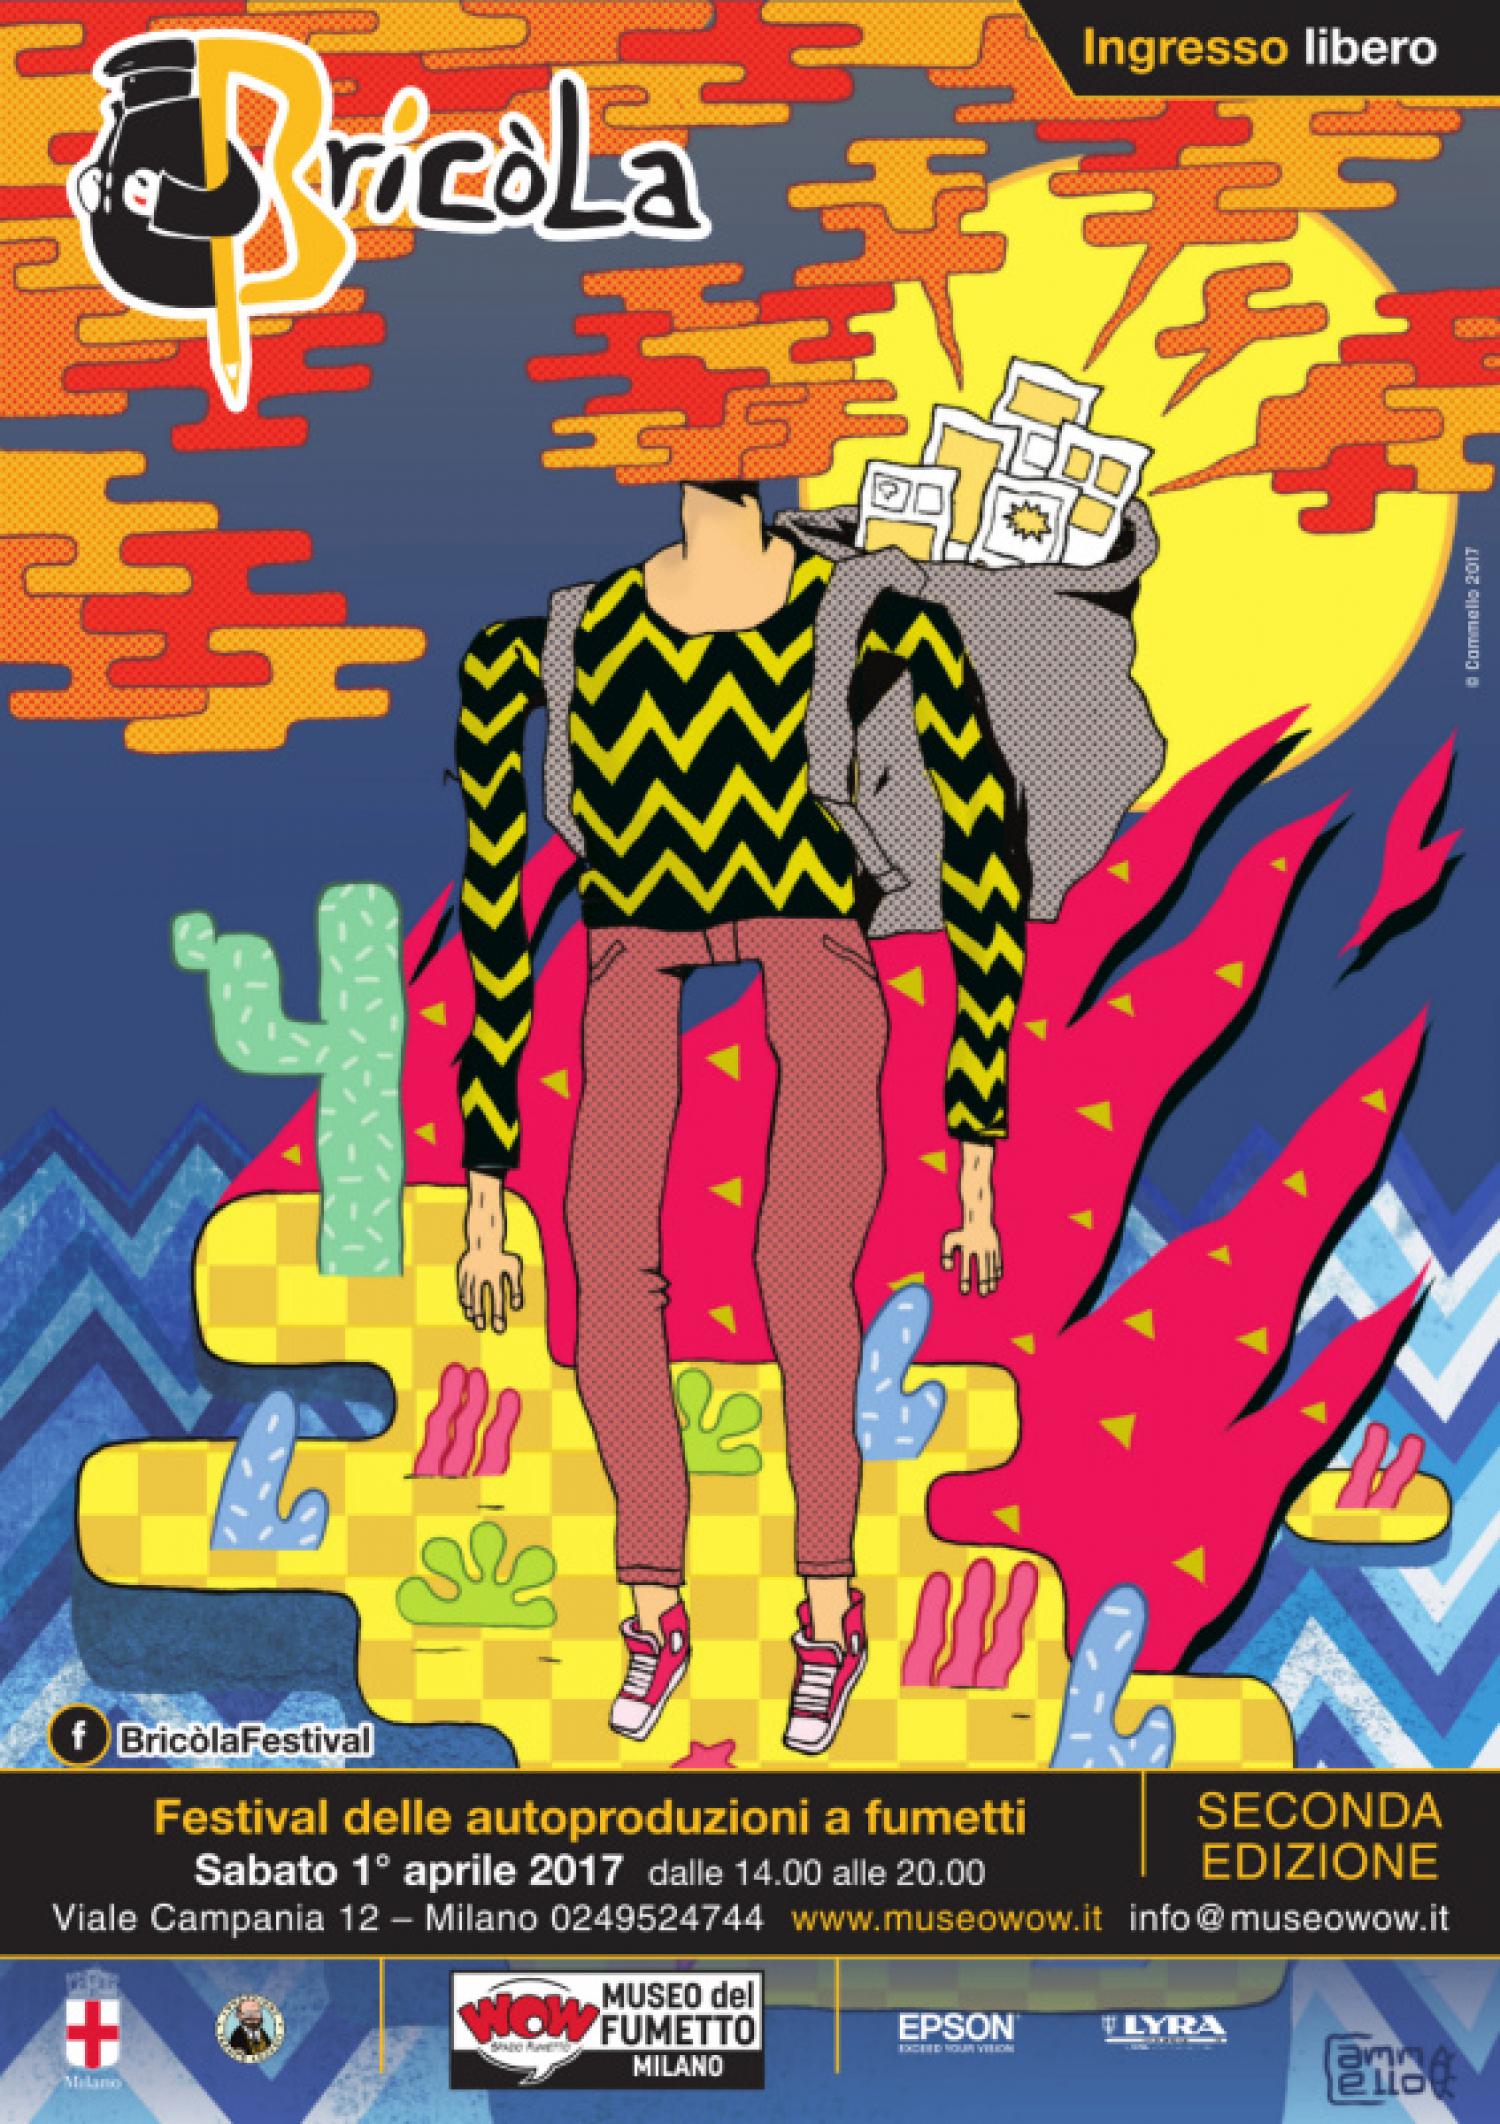 """<p><strong>Sabato 1&deg;&nbsp;aprile WOW Spazio Fumetto, il Museo del Fumetto di Milano, apre di nuovo le porte al mondo del fumetto indipendente e autoprodotto organizzando un festival dedicato a chi, non contento di leggere soltanto i fumetti, se li disegna e pubblica da solo.</strong> Si chiamava <strong>Bric&ograve;la</strong> la borsa usata in passato dai contrabbandieri lombardi nell&rsquo;attraversamento di Alpi e laghi, per portare dalla Svizzera quelle merci che in Italia non si potevano trovare. Bricola &egrave; anche il nome del festival milanese dedicato alle <strong>autoproduzioni a fumetti</strong>, che servir&agrave; a portare al&nbsp;pubblico che frequenta WOW Spazio Fumetto quelle produzioni originali che non &egrave; facile incontrare altrove. <strong><a target=""""_blank"""" href=""""http://www.museowow.it/wow/bricola-festival-delle-autoproduzioni-a-fumetti/"""">Dopo la prima edizione dell&#39;anno scorso</a>, torna sabato 1&deg; aprile</strong> il festival con cui WOW Spazio Fumetto vuole portare l&rsquo;attenzione sulla produzione pi&ugrave; originale e vivace che abbia visto luce negli ultimi anni, concentrandosi sull&rsquo;Italia e in particolare sulla nostra citt&agrave;, Milano. L&#39;illustrazione della <strong>locandina</strong> di quest&#39;anno &egrave; stata realizzata appositamente per il festival da <strong><a target=""""_blank"""" href=""""http://cammelloput.tumblr.com/"""">Cammello</a></strong>. <strong>Dalle 14:00&nbsp;le autoproduzioni invaderanno il piano terra del museo del fumetto</strong>. <strong>L&rsquo;ingresso sar&agrave; libero</strong> per tutti i visitatori, che potranno trovare stand di vendita e disegno degli autori e dei collettivi di autoproduzione. <strong>Saranno presenti durante tutto il pomeriggio <a target=""""_blank"""" href=""""http://www.amiantocomics.com/"""">Amianto Comics</a>,&nbsp;<a target=""""_blank"""" href=""""http://attaccapannipress.tictail.com/"""">Attaccapanni Press</a>,&nbsp;</strong><strong><a target=""""_blank"""" href=""""http://cammelloput.tumblr."""